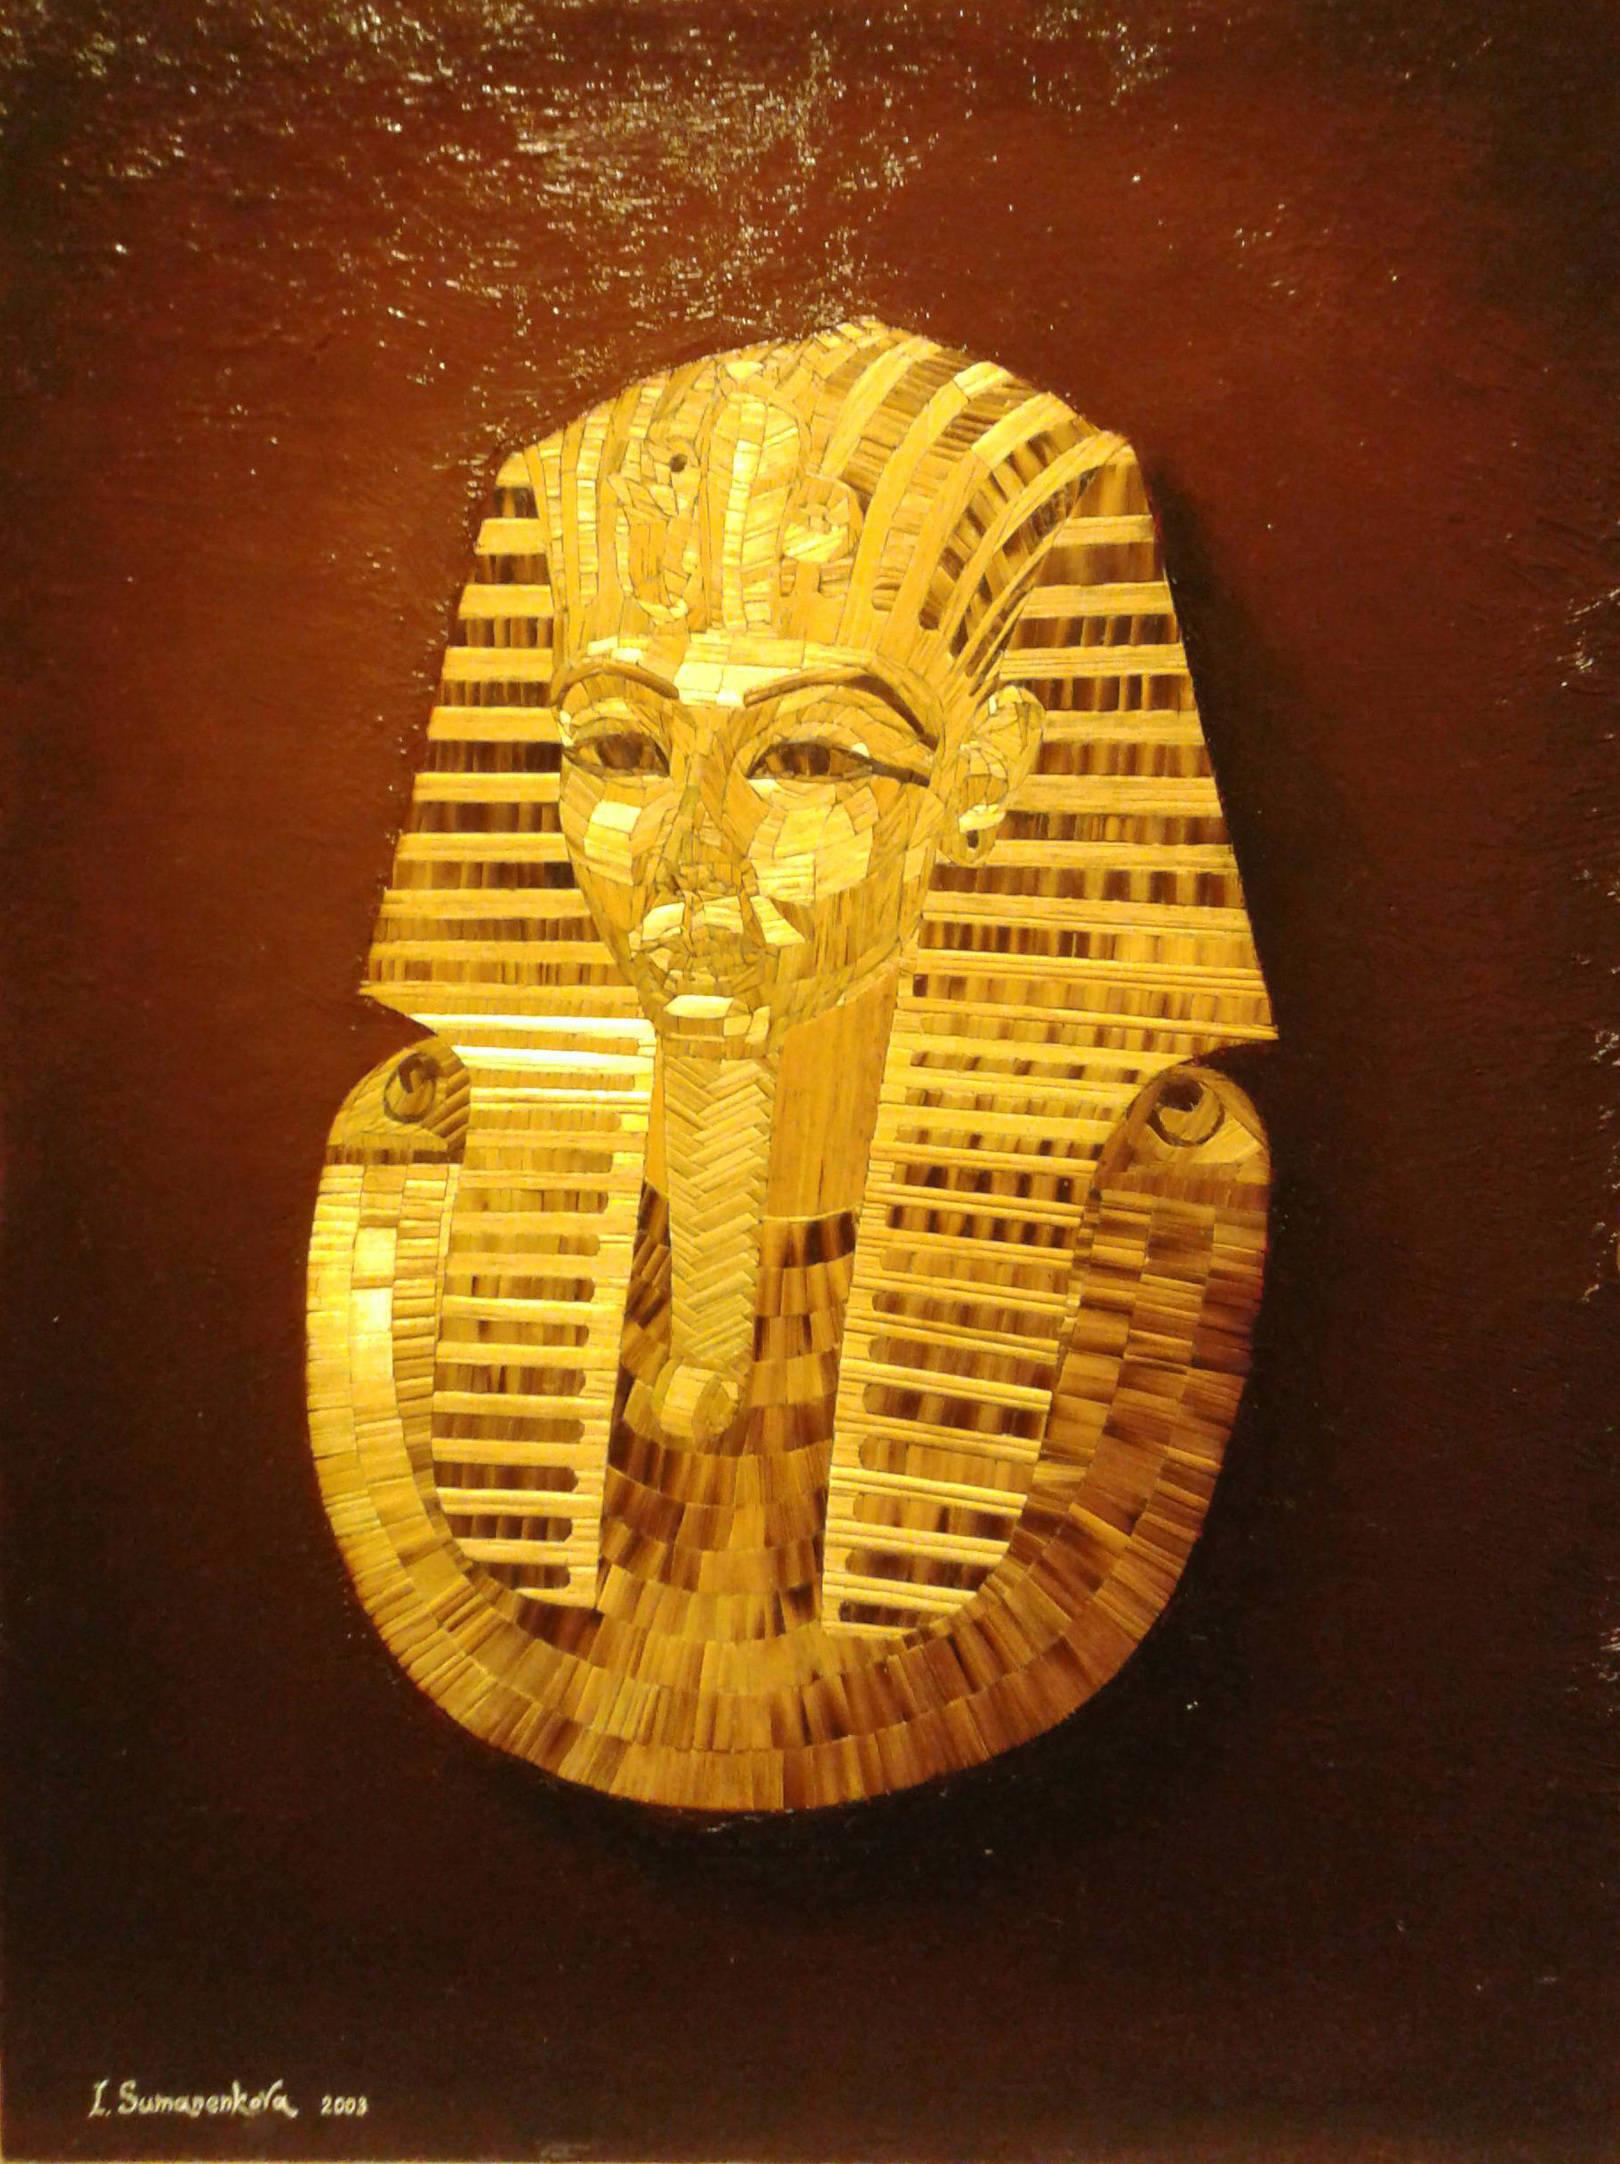 Портрет Тутанхамона / Portrait of Tutanchamon 30 Х 42 см, инкрустация из сухих стеблей соломы, фон - доска, масло, 2003 г